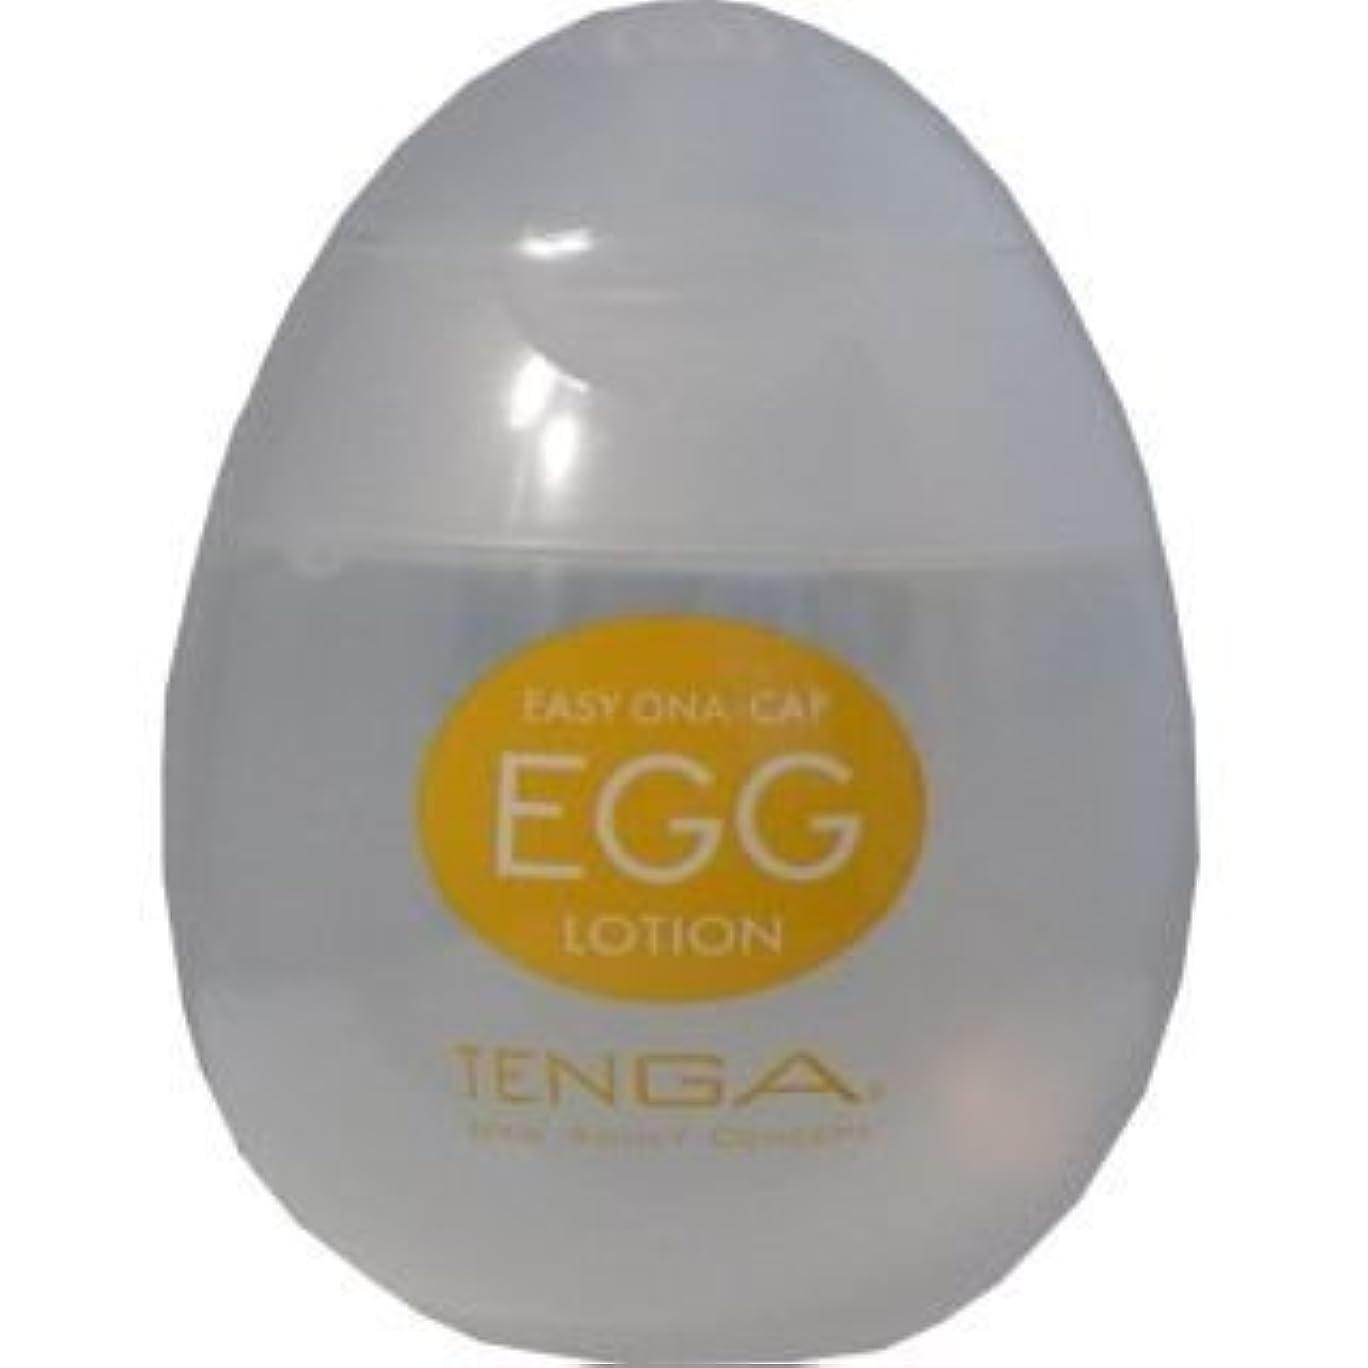 はっきりと有害な支払い保湿成分配合で潤い長持ち!TENGA(テンガ) EGG LOTION(エッグローション) EGGL-001【2個セット】